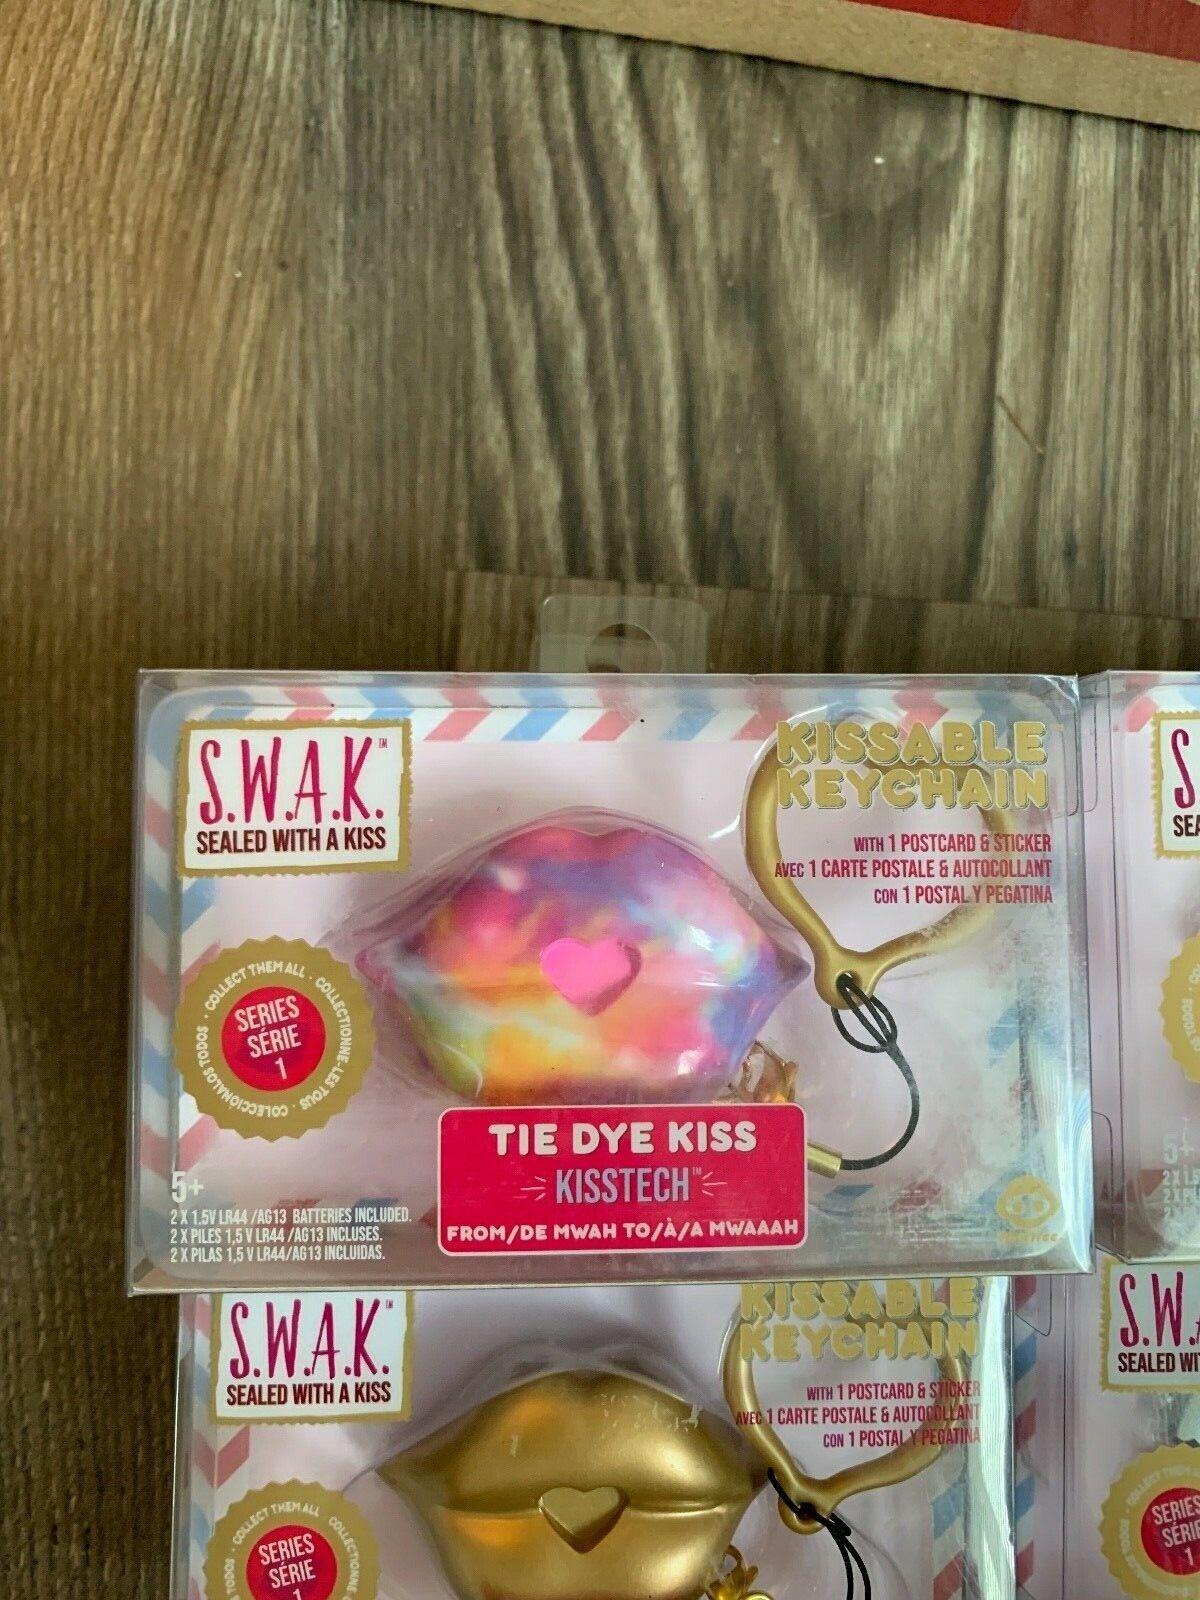 TIE DYE KISS Keychain with Interactive Sound SWAK Wowwee S.W.A.K